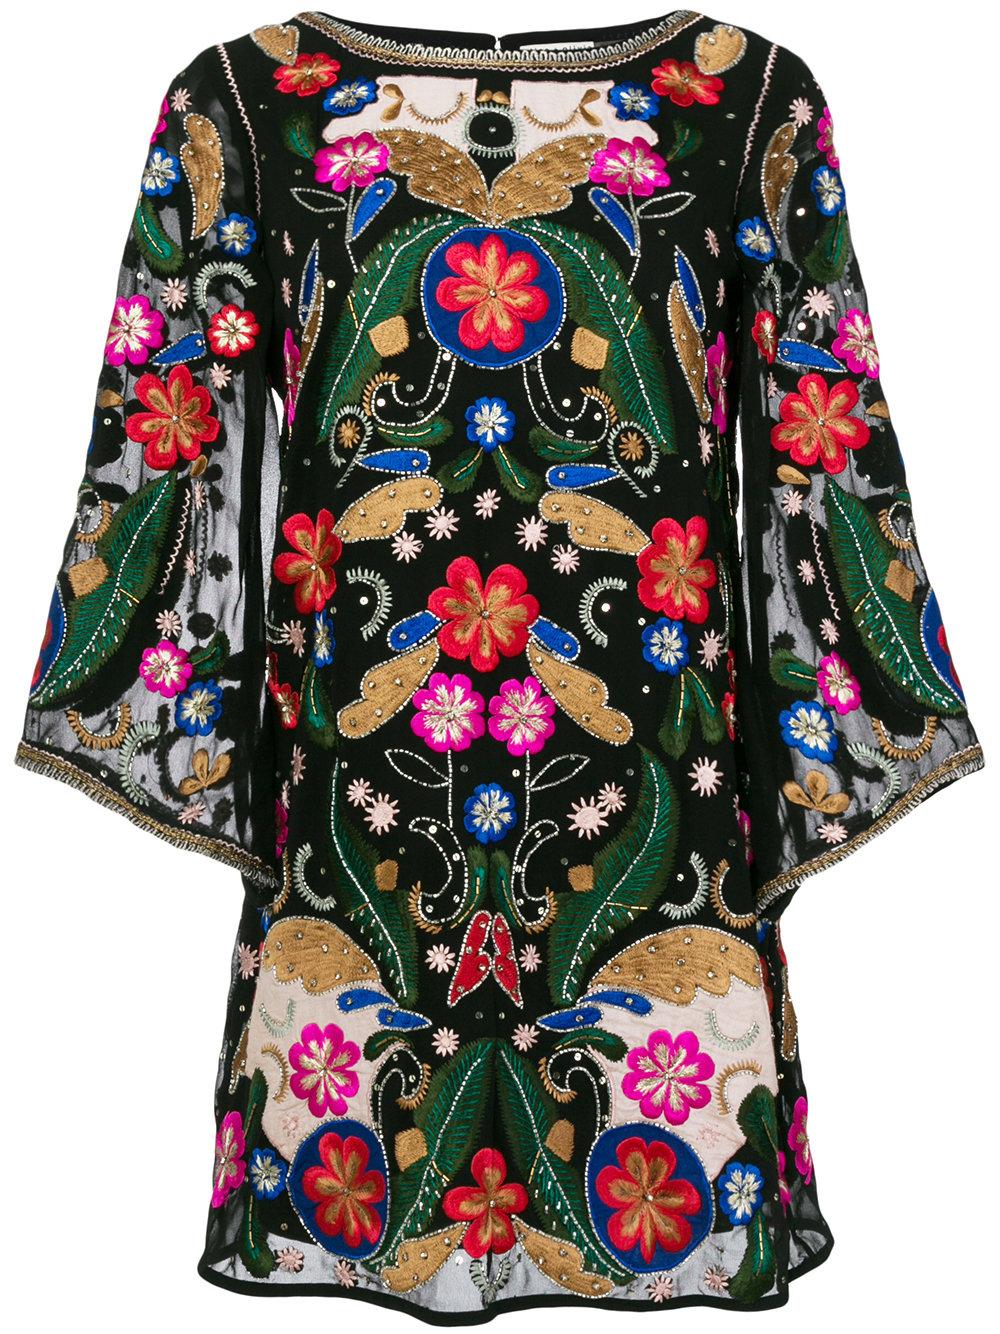 ALICE+OLIVIA dress - $695